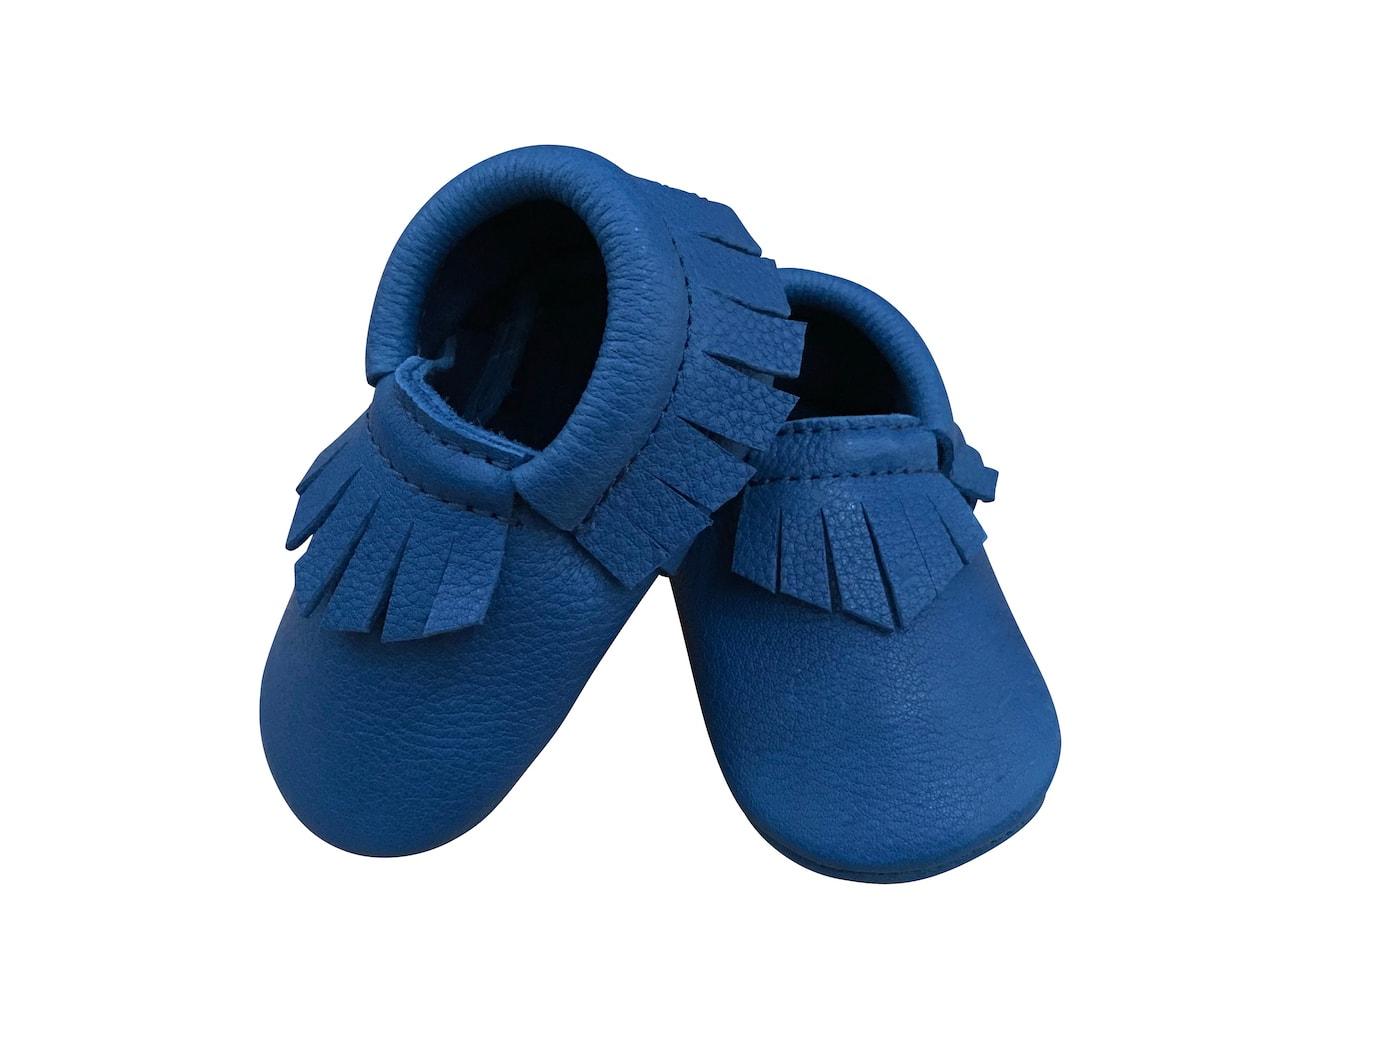 Baby-Schuhe von lilolucky von Familien mit Kindern getestet // HIMBEER